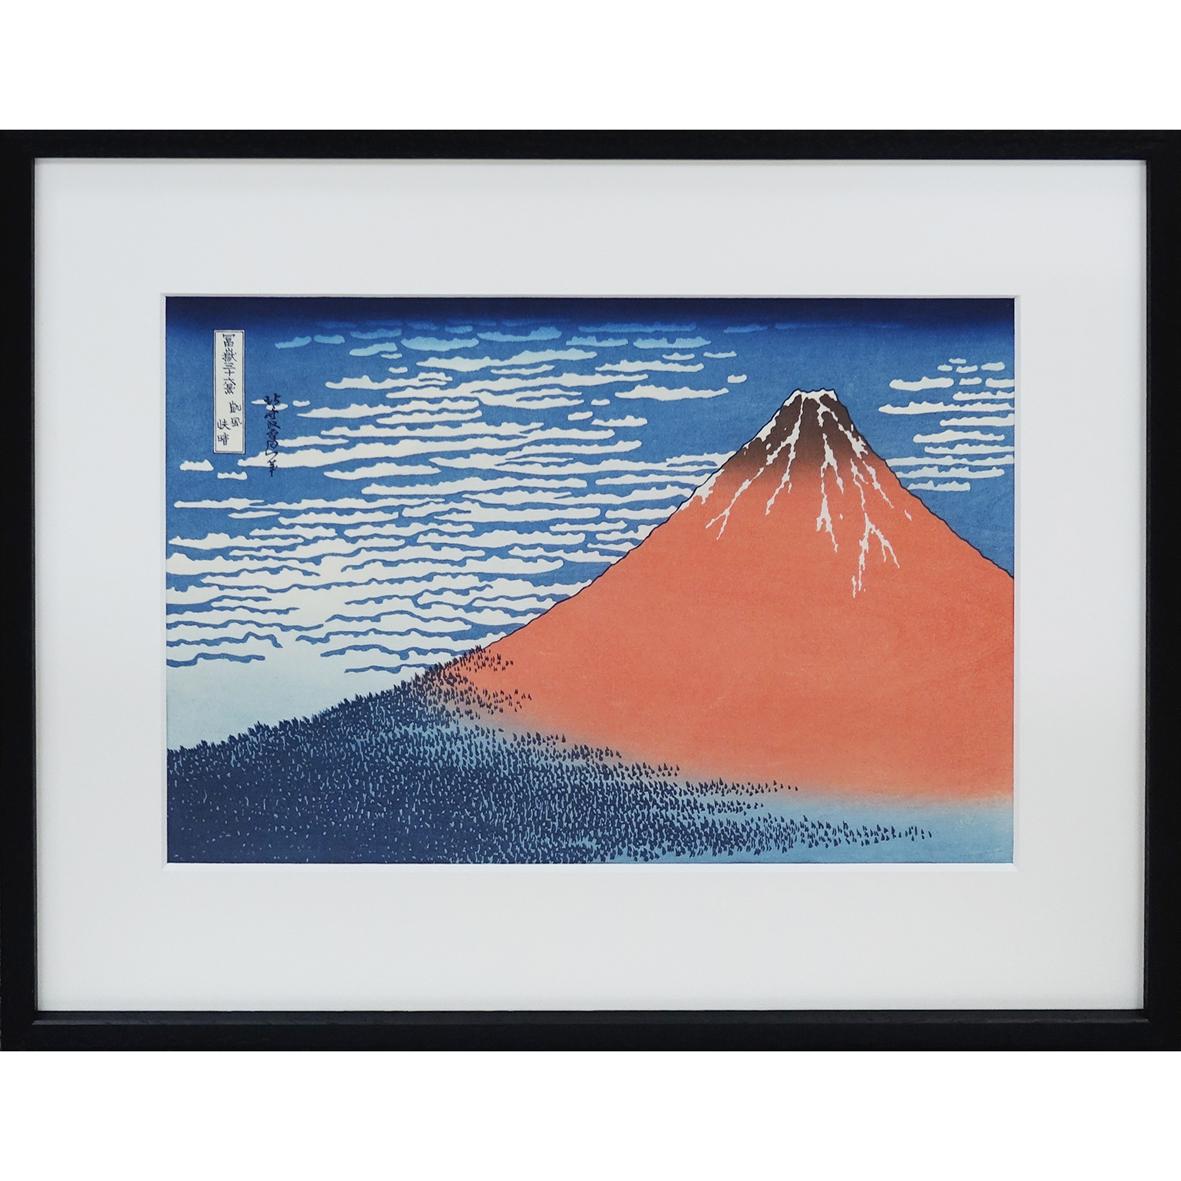 葛飾北斎「凱風快晴」復刻版(シート)